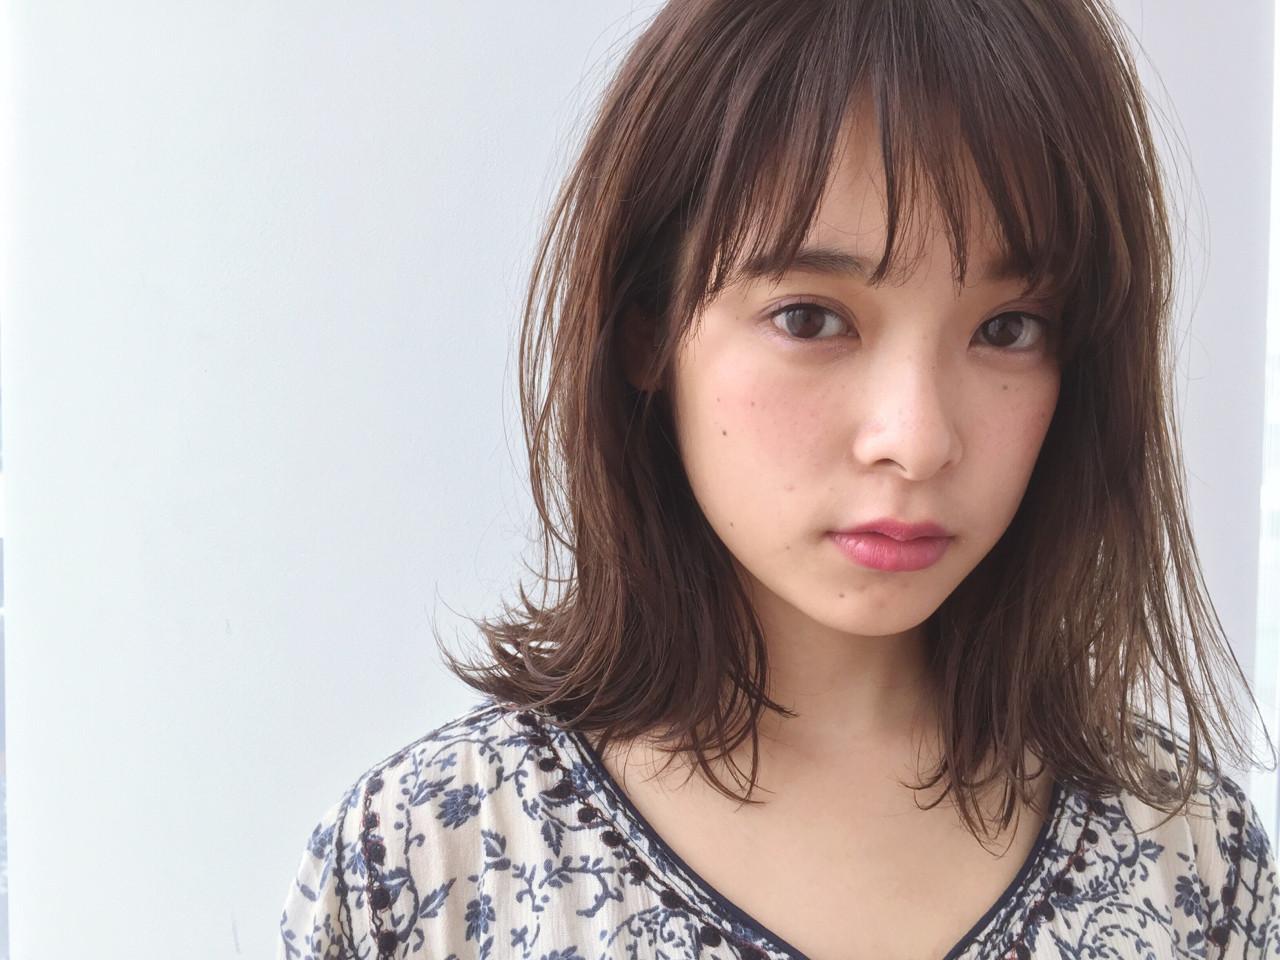 ざっくりレイヤーが大人かわいい戸田恵梨香さん風ミディアムストレート 福間エリサ